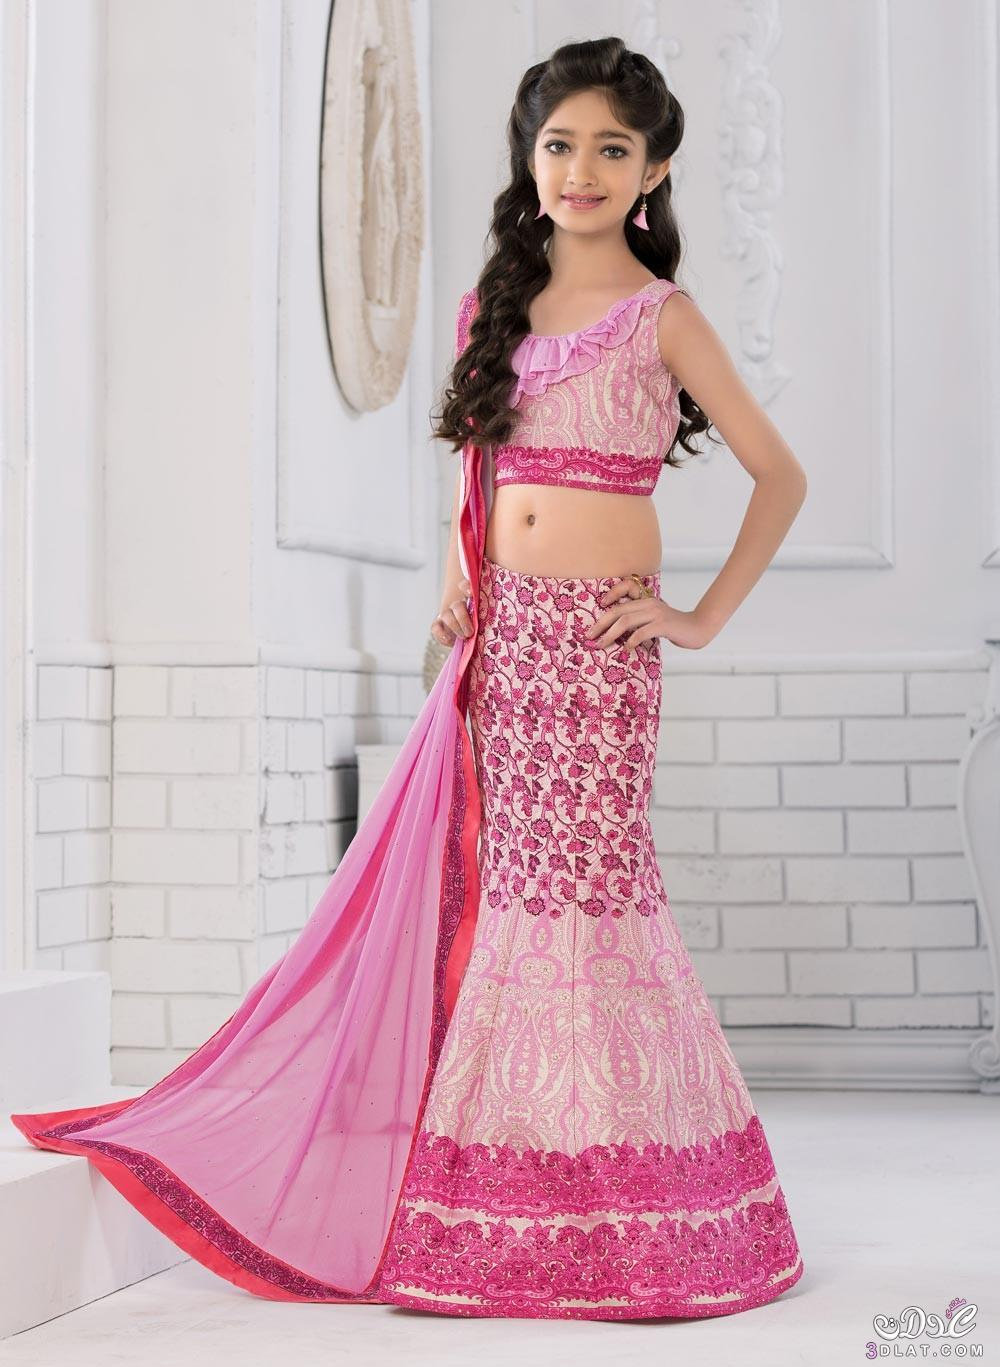 صورة صور ساري هندي للاطفال , ملابس هندية طفولية